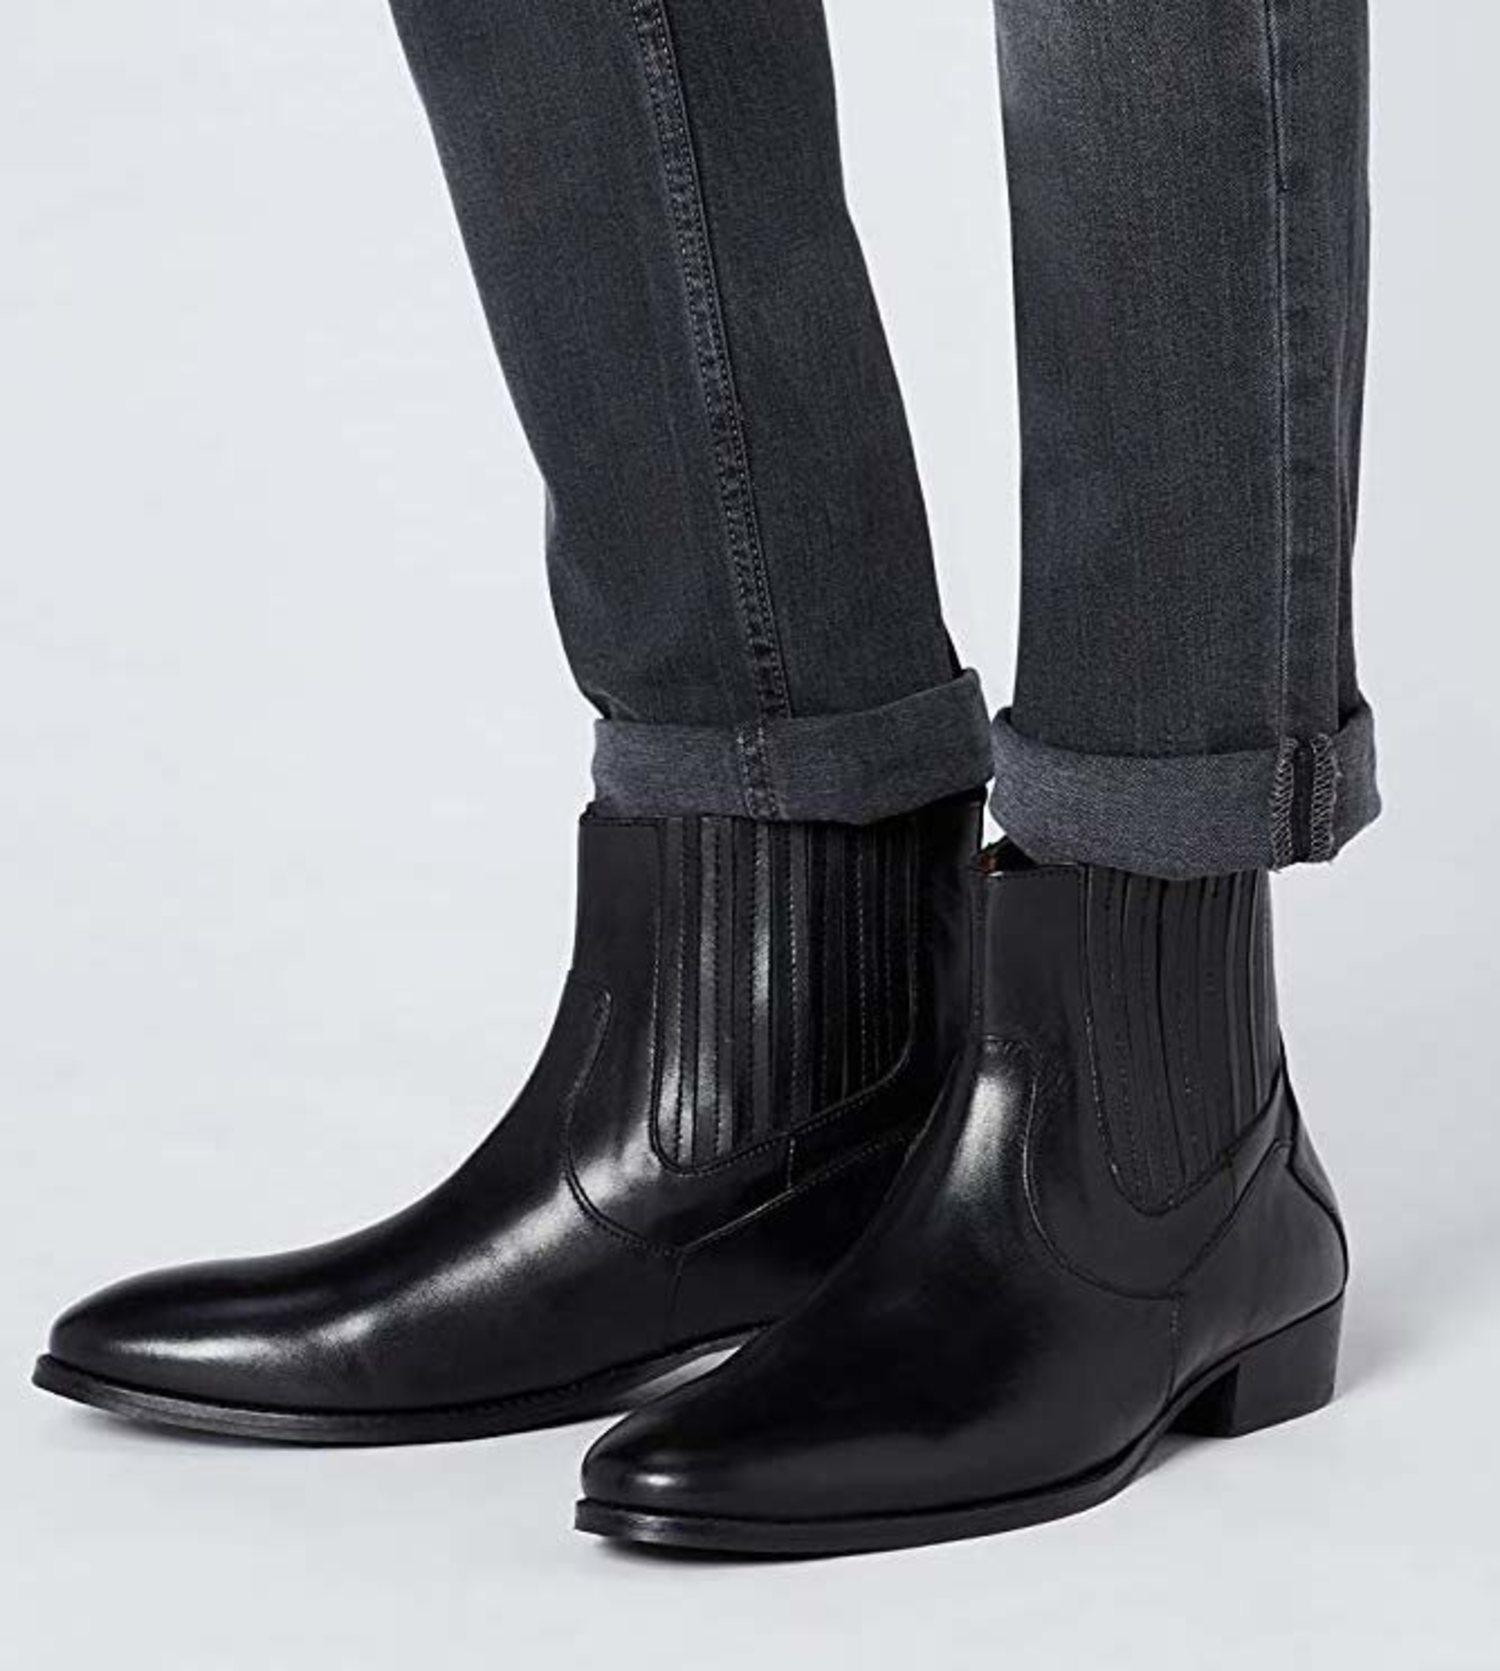 Botas Chelsea negras de cuero de la marca Find.